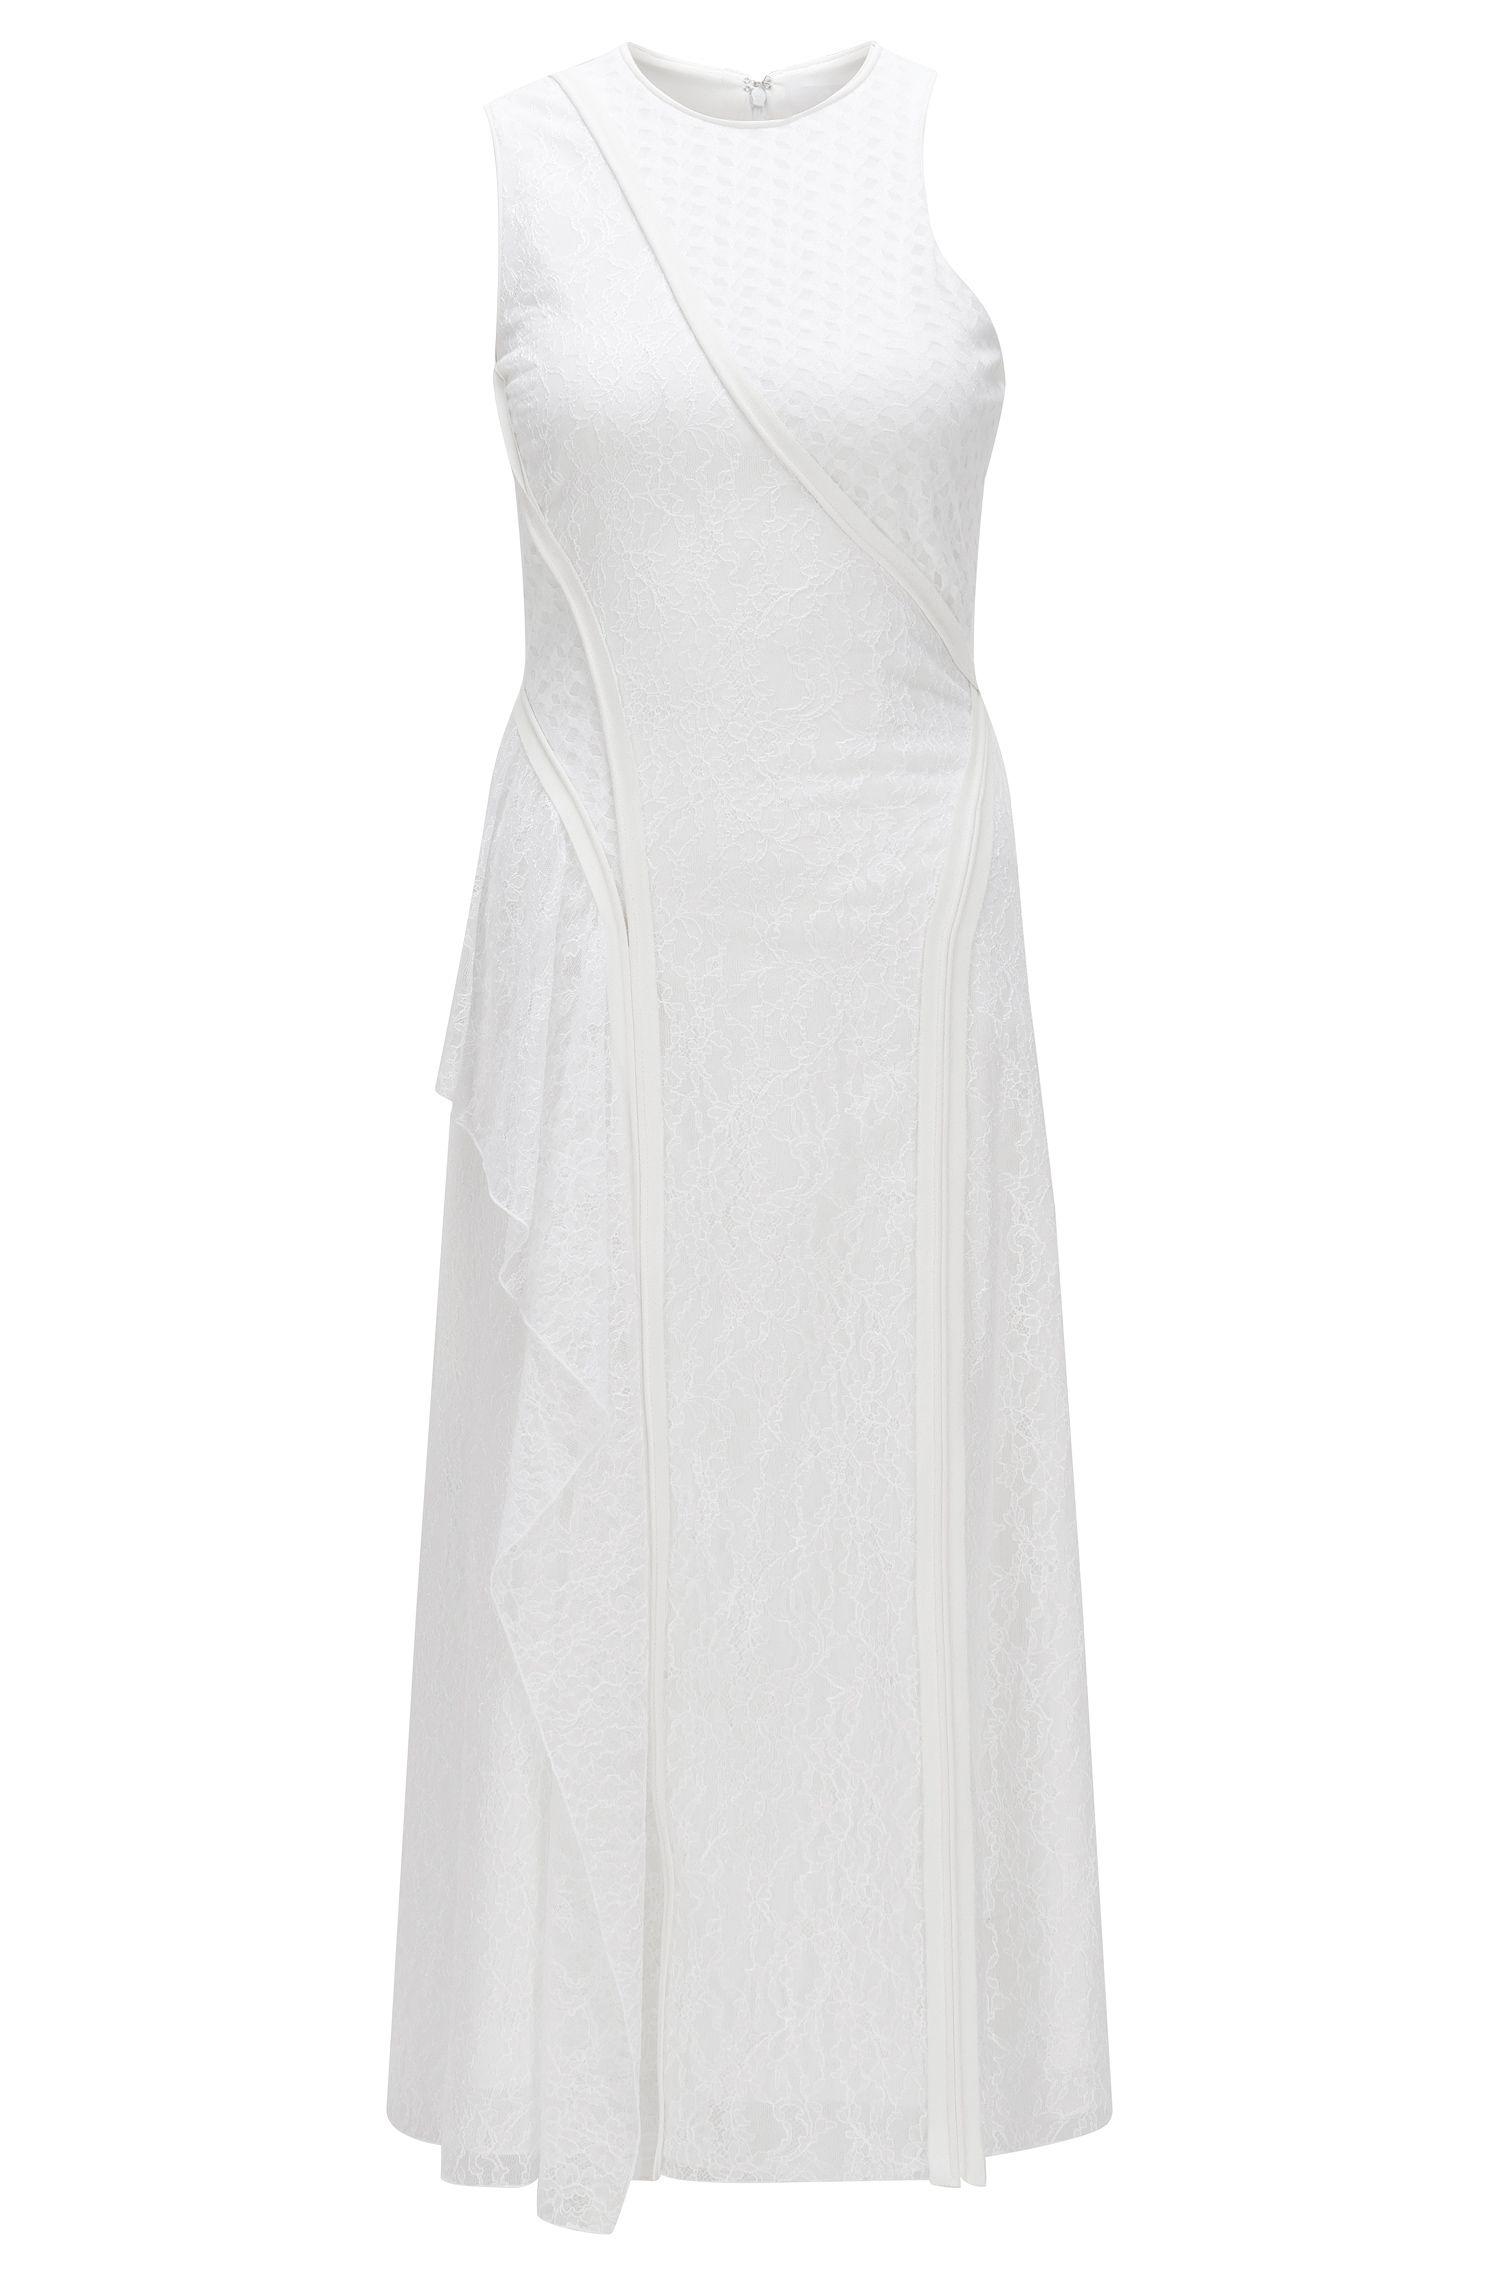 'Danisa' | Runway Edition Cotton Blend Dress